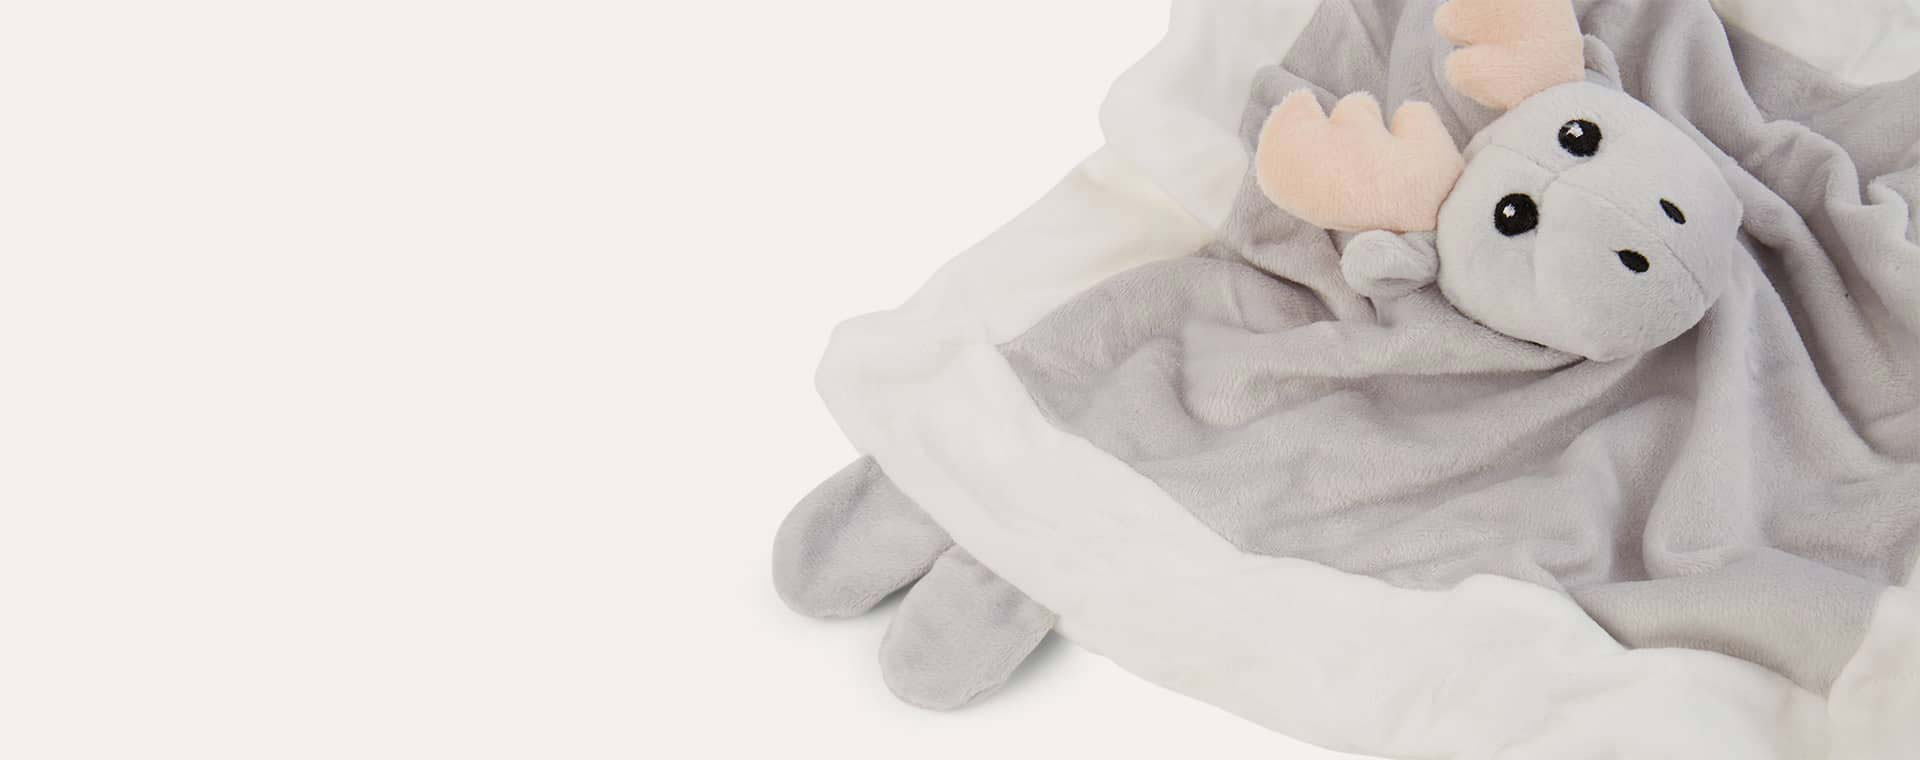 Moose Kid's Concept Baby Comforter